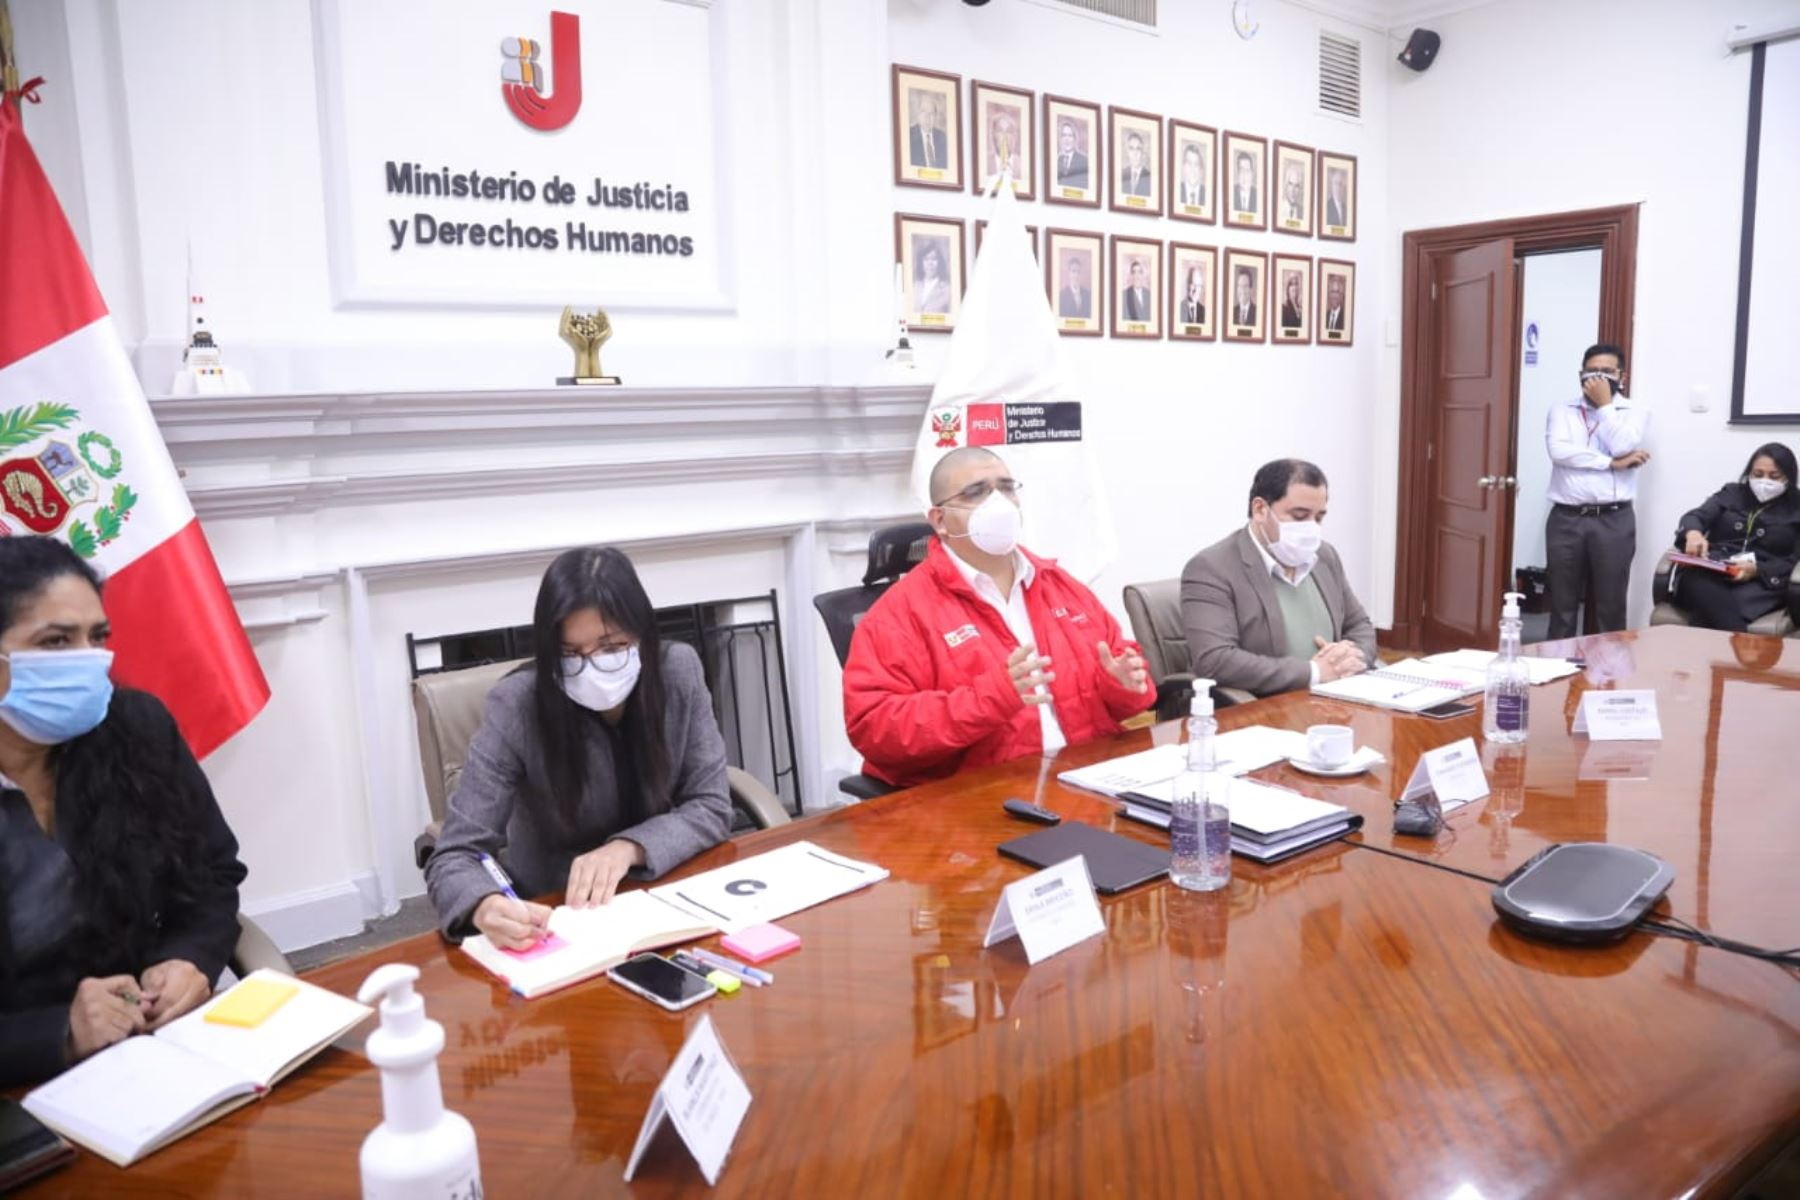 Ministro de Justicia, Fernando Castañeda, participó en sesión virtual de la Comisión de Fiscalización.